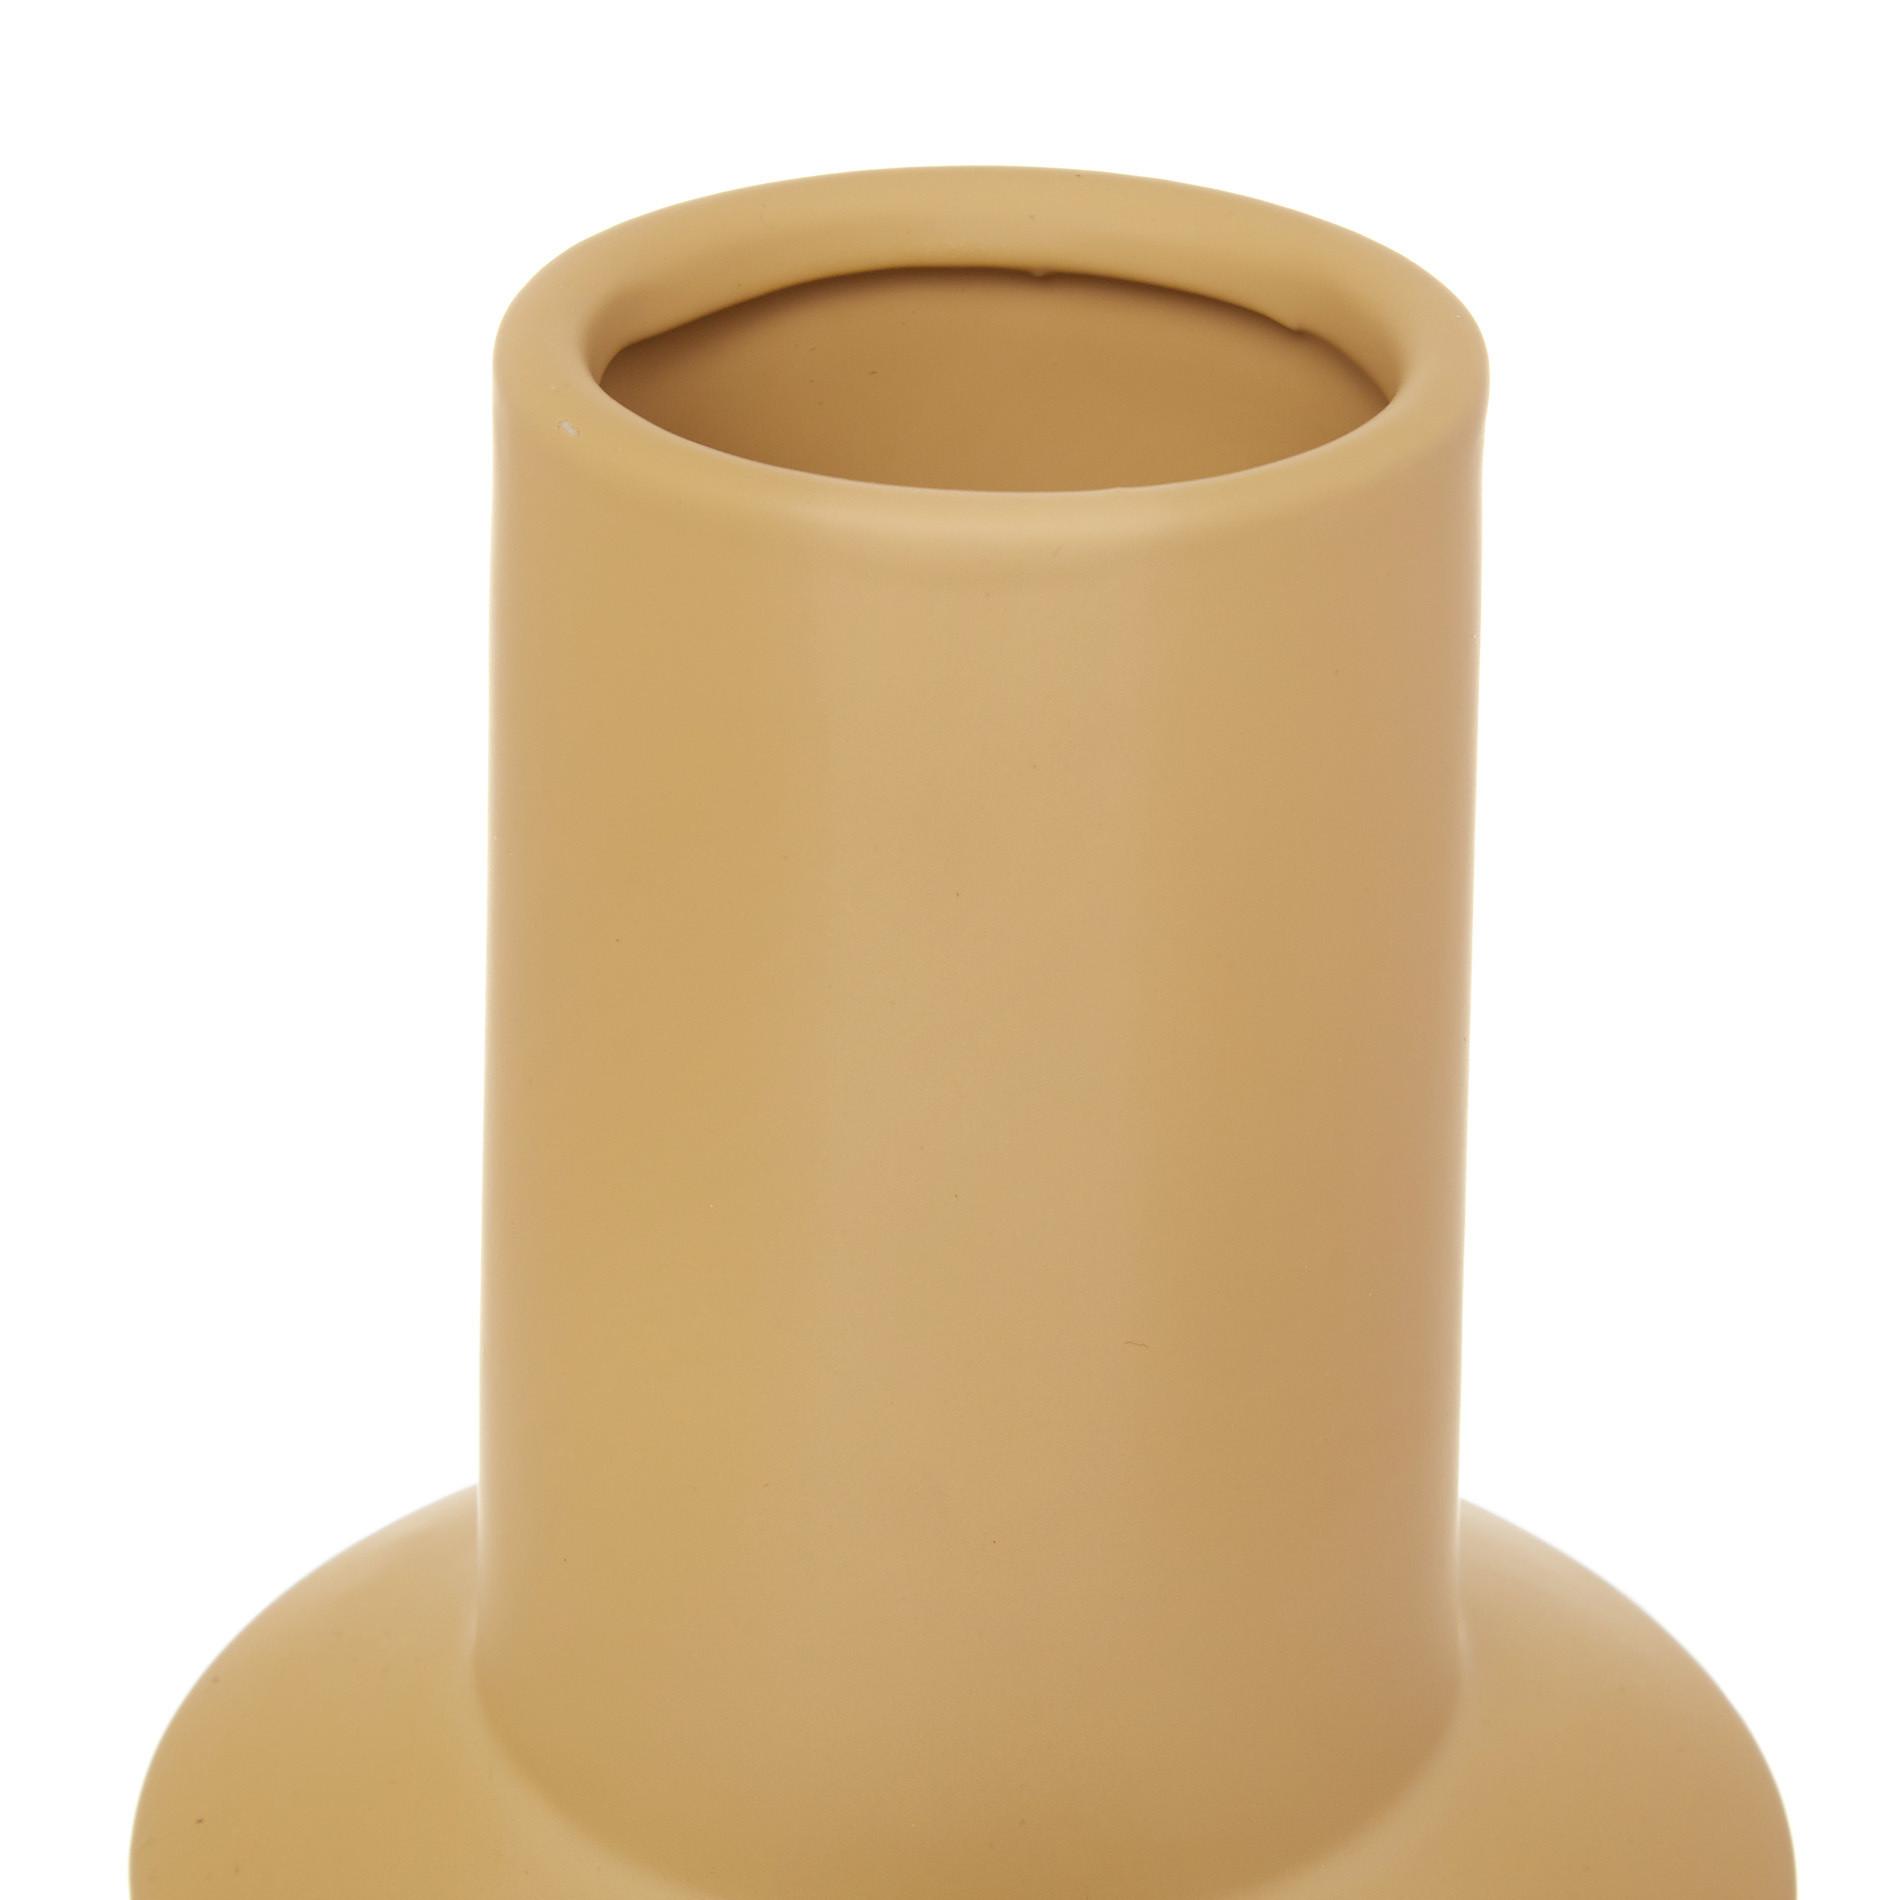 Vaso ceramica con anelli, Giallo ocra, large image number 1